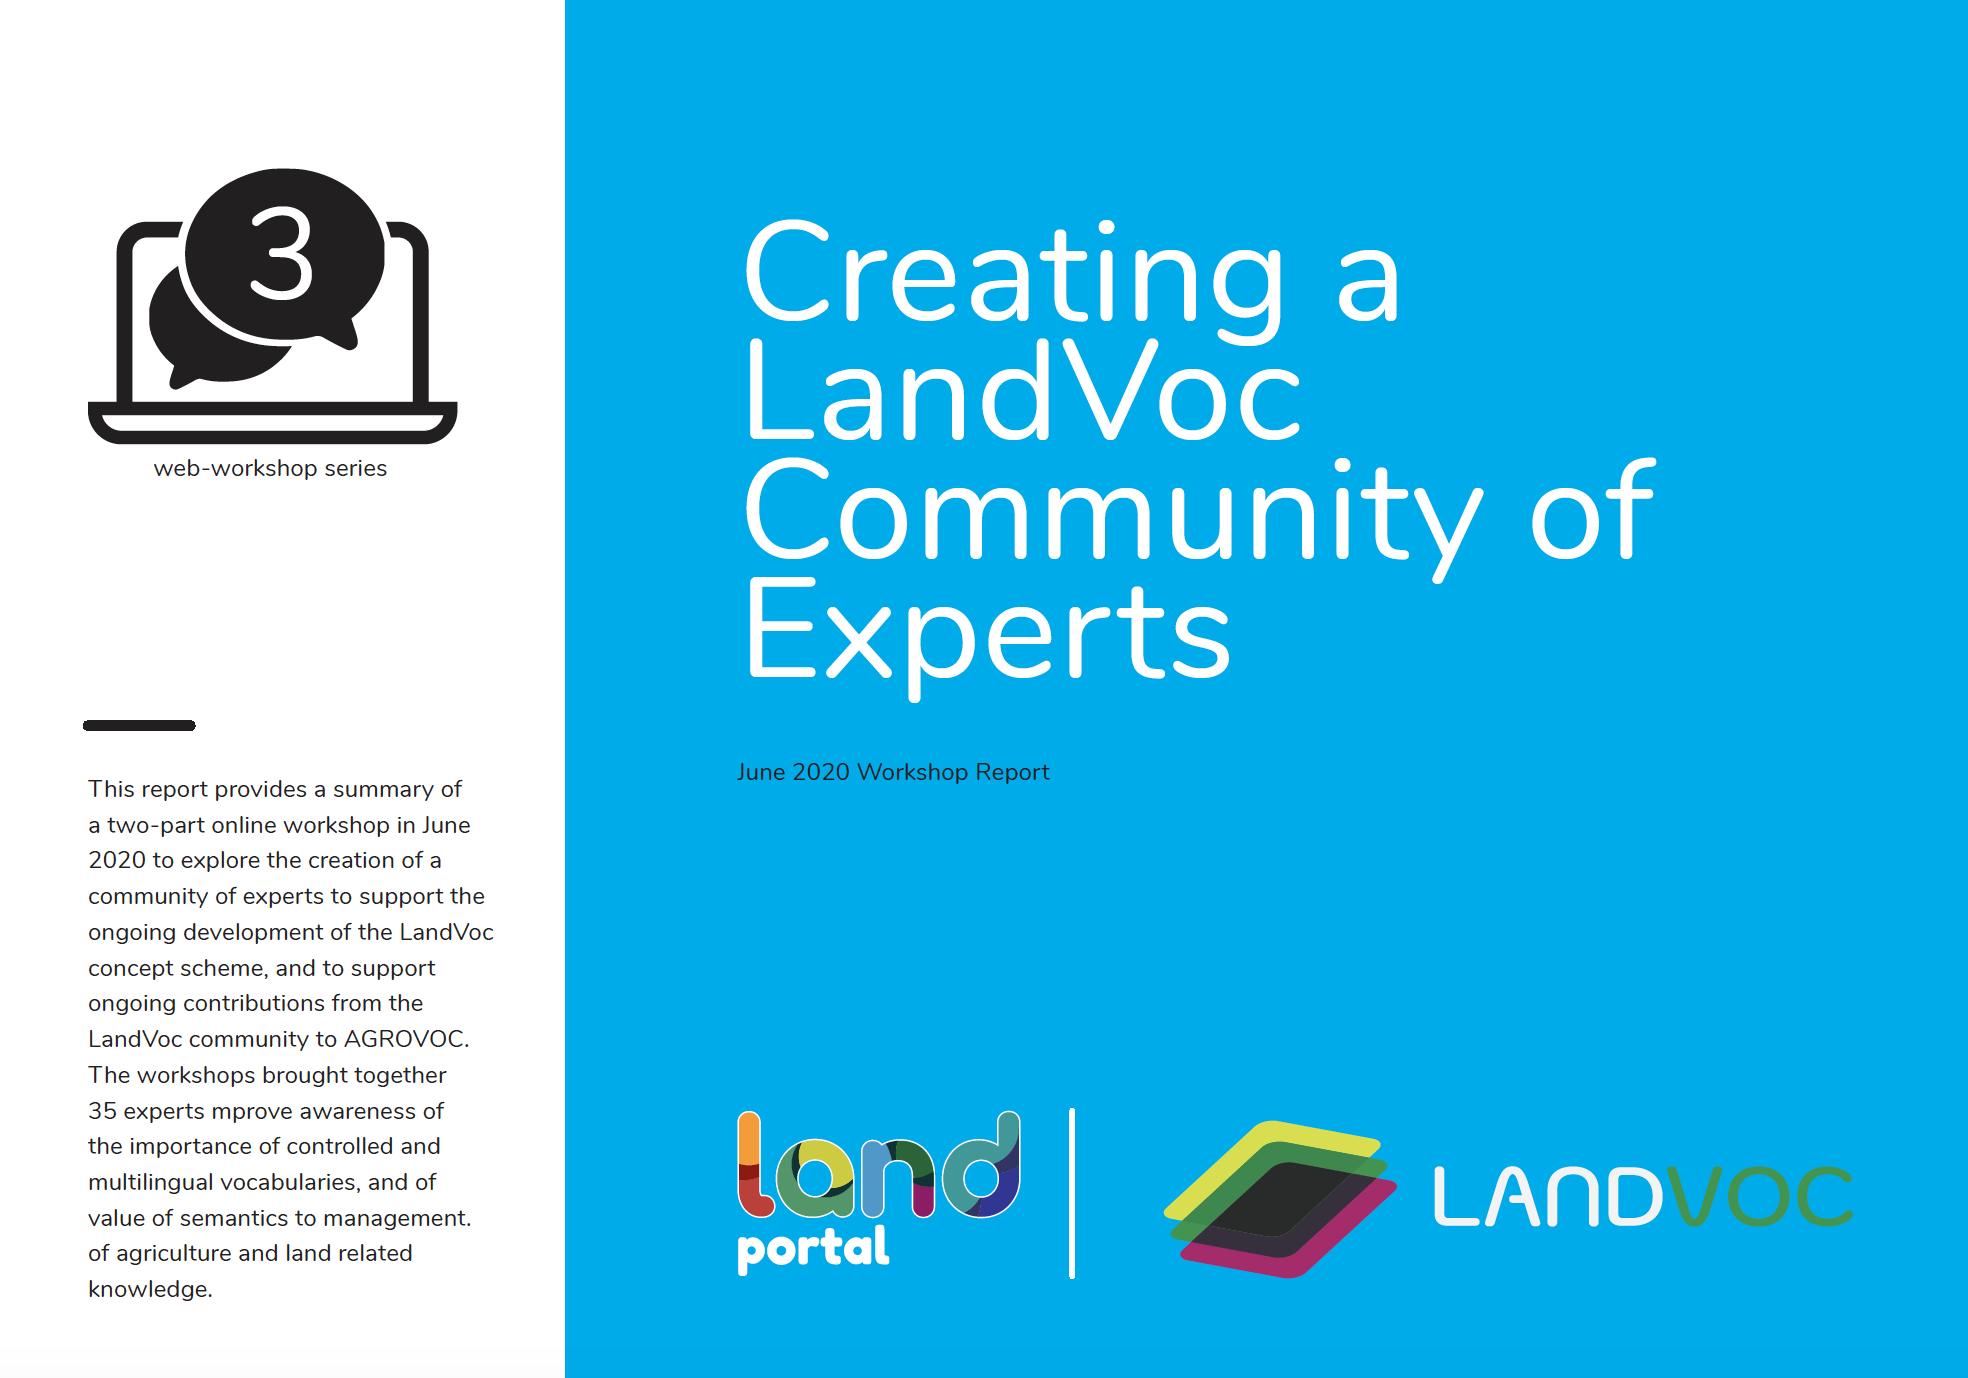 LandVoc - Community of Experts Workshop